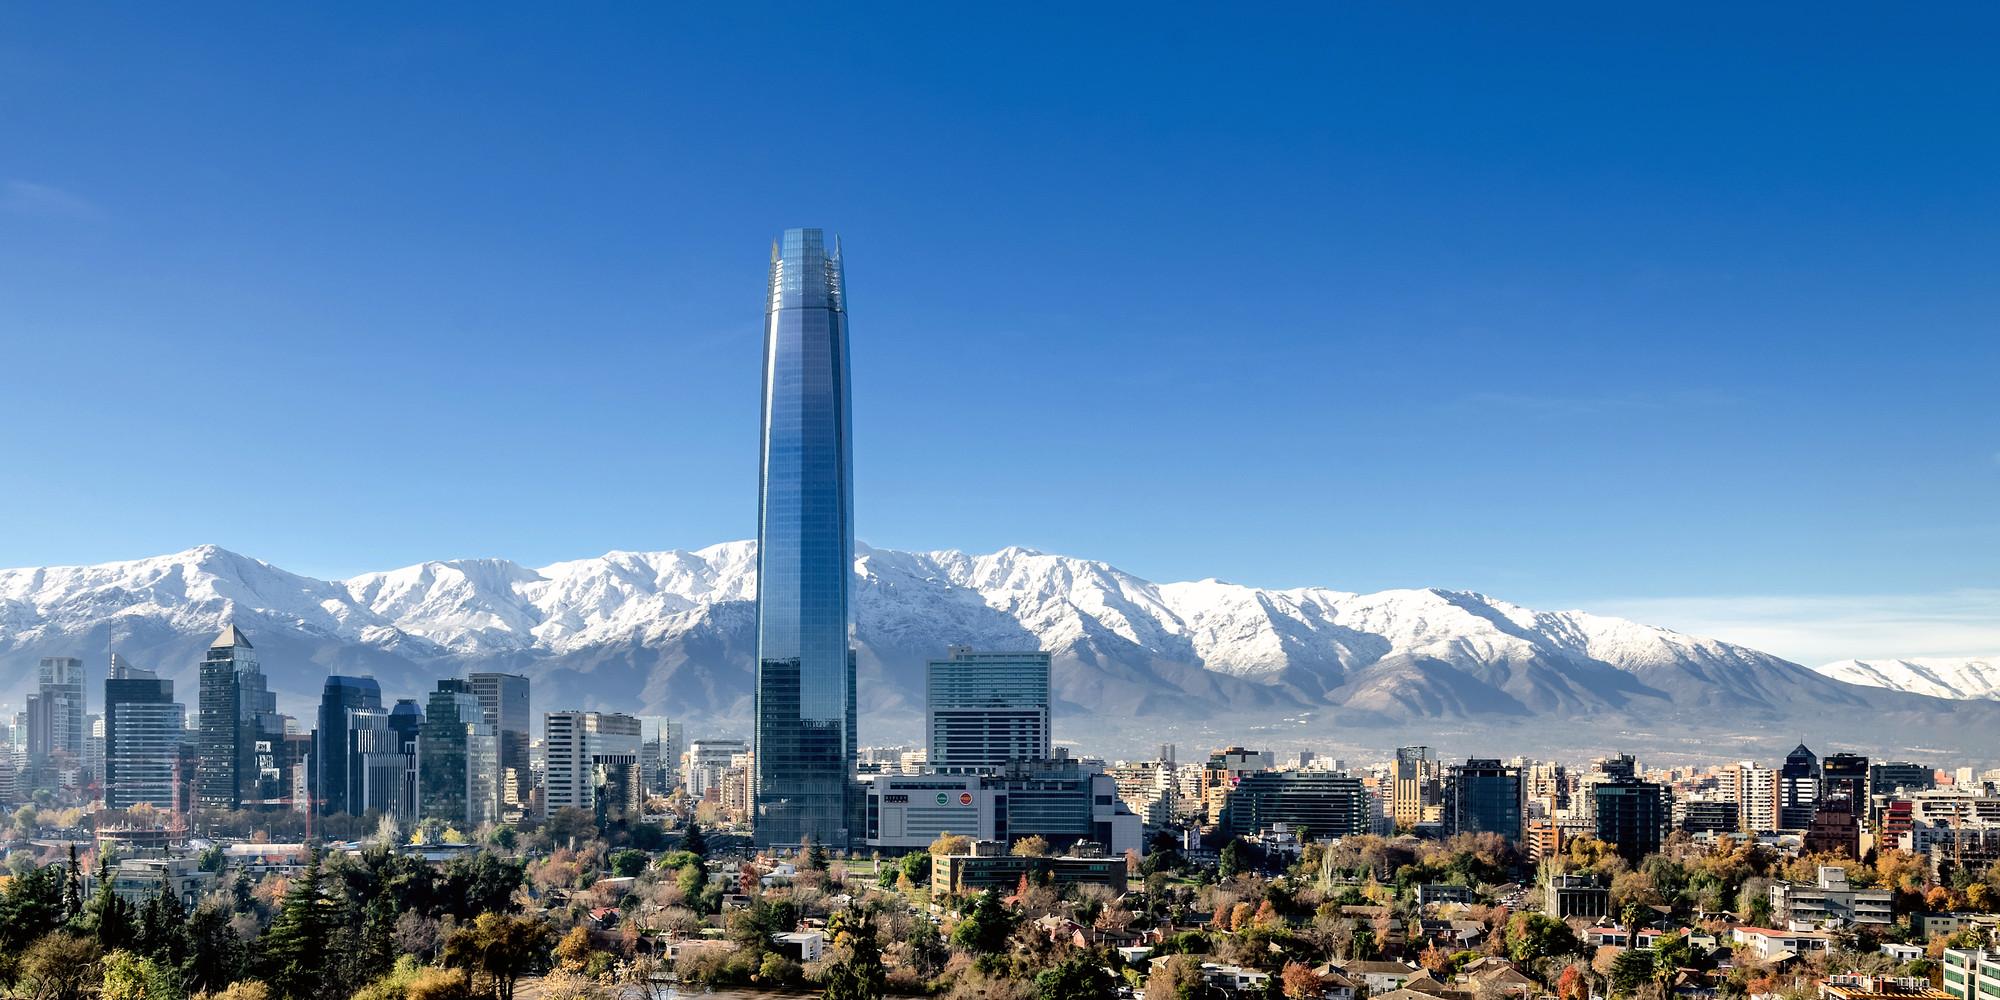 Os edifícios mais altos de 2014, Mais alto de 2014 #10: Torre Costanera, Santiago, 300 metros. Imagem © Pablo Blanco